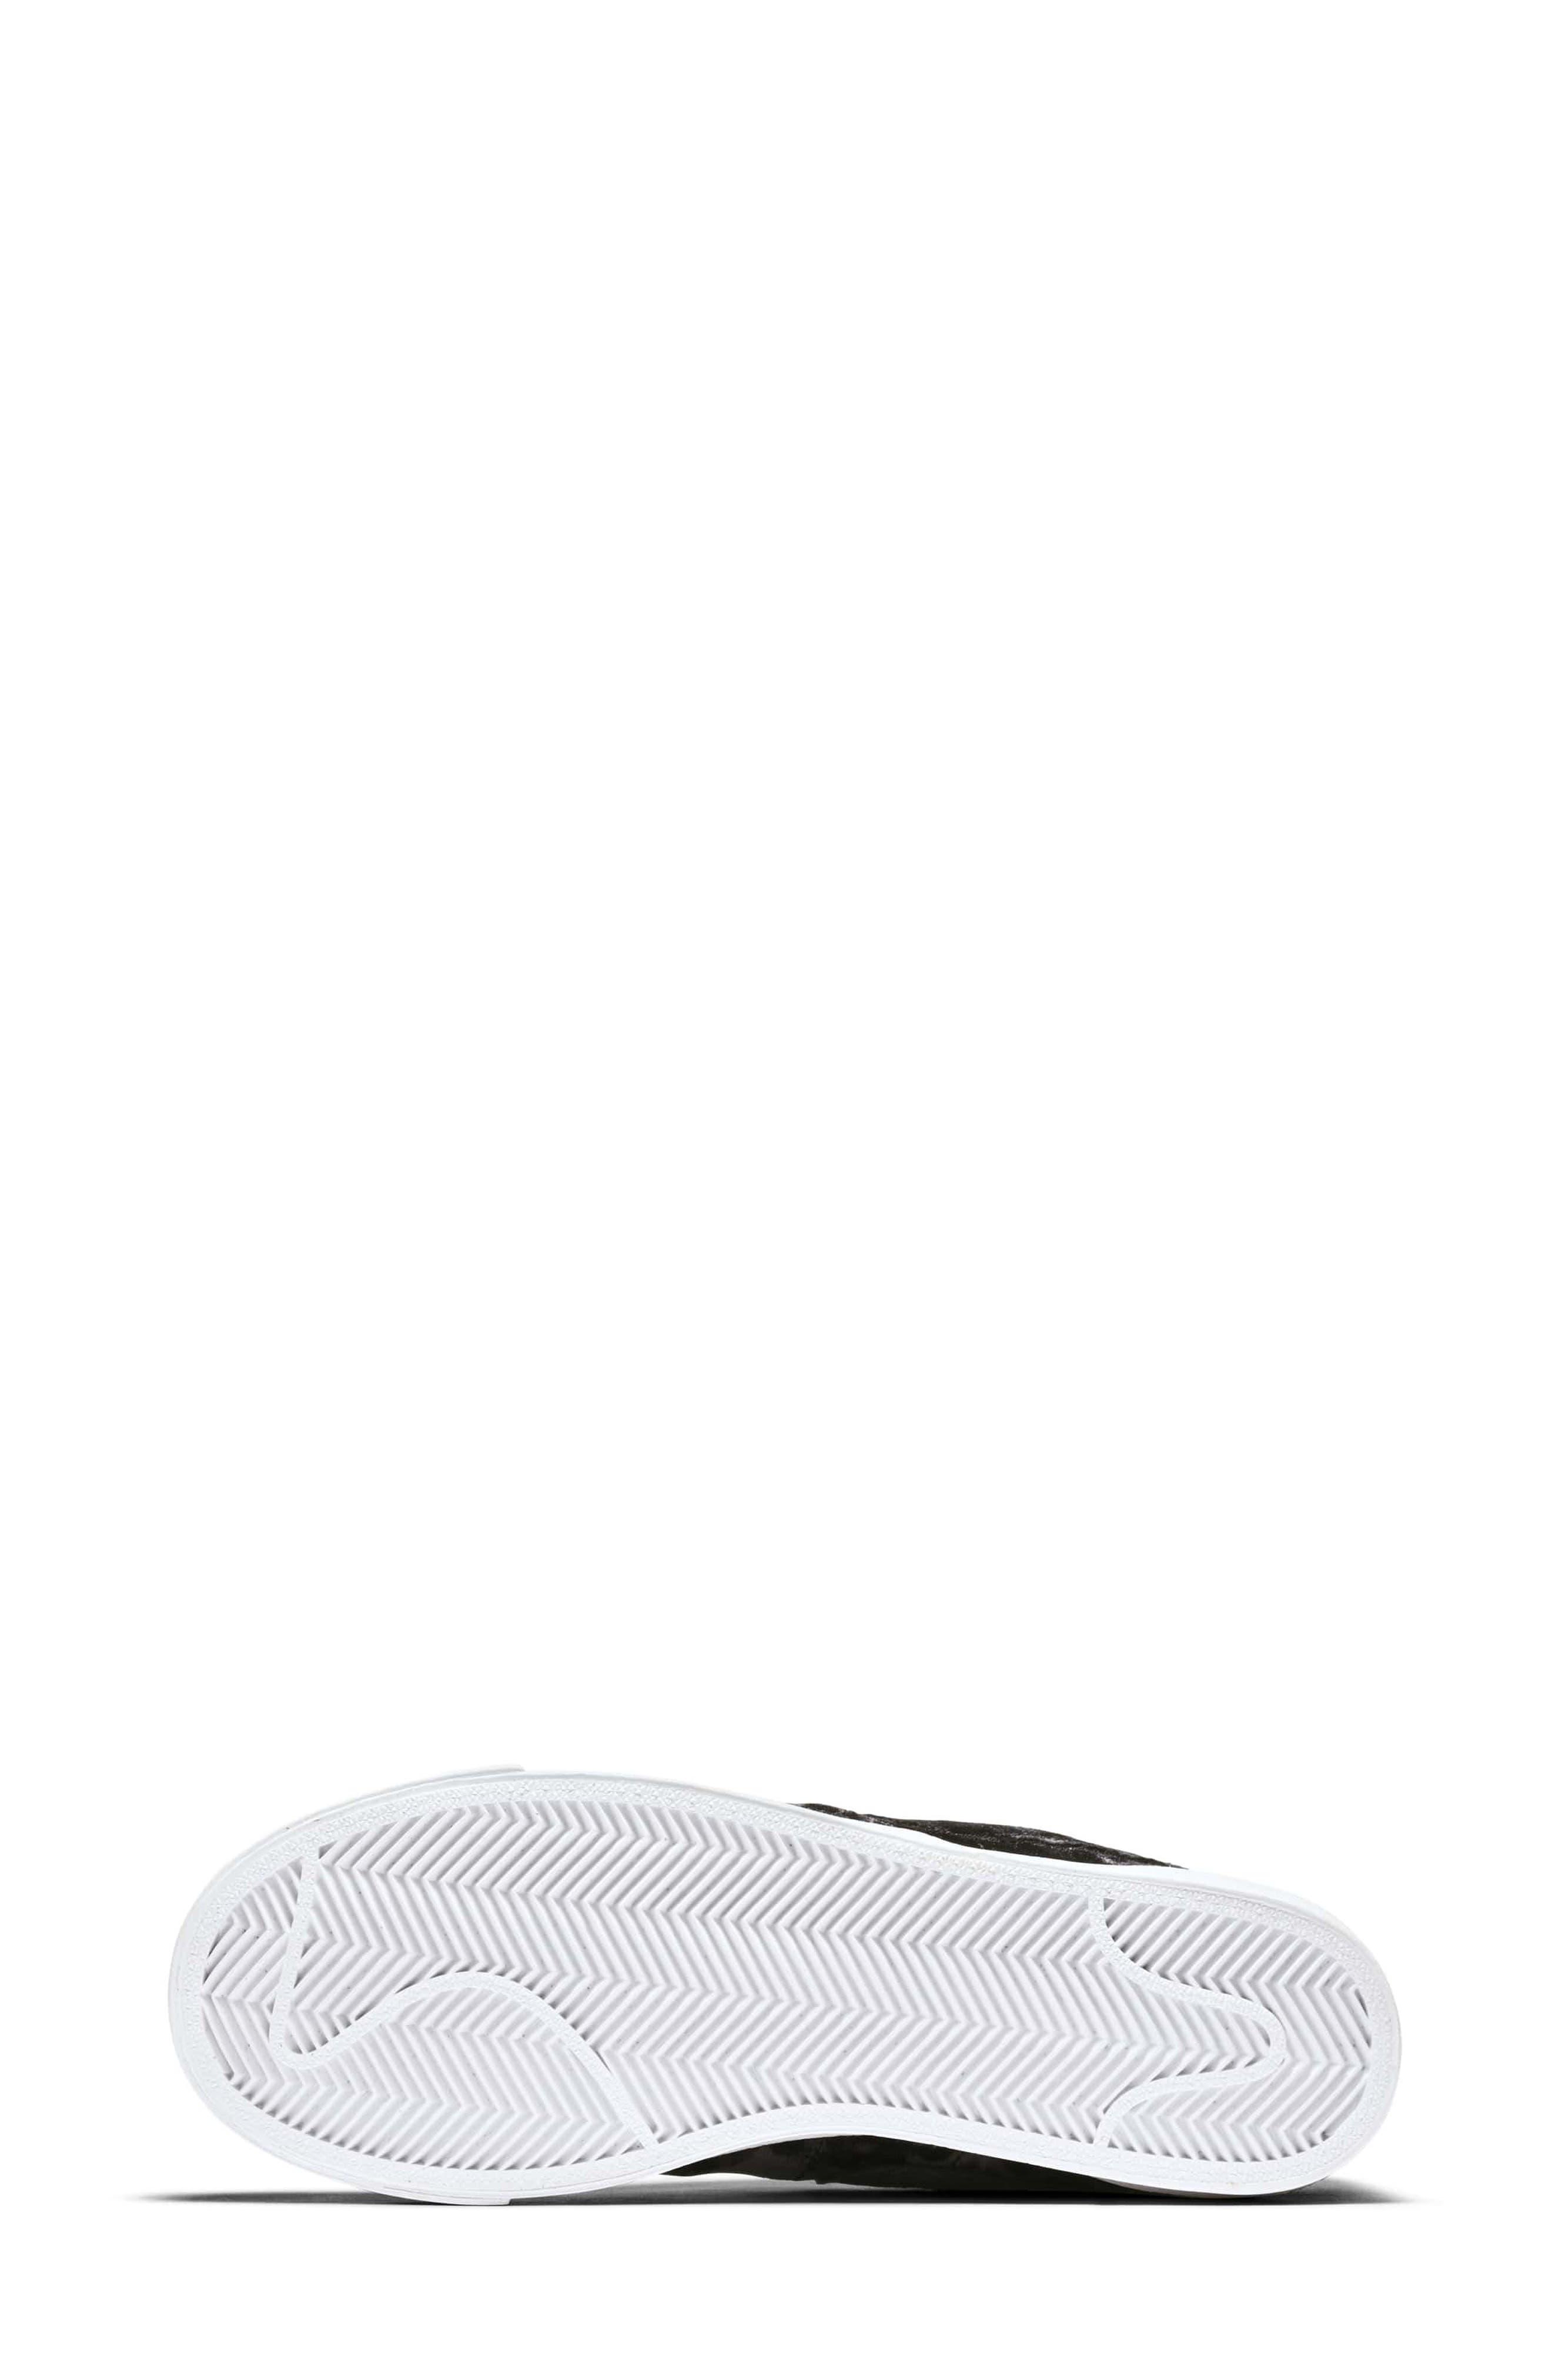 Blazer Low X Sneaker,                             Alternate thumbnail 5, color,                             003